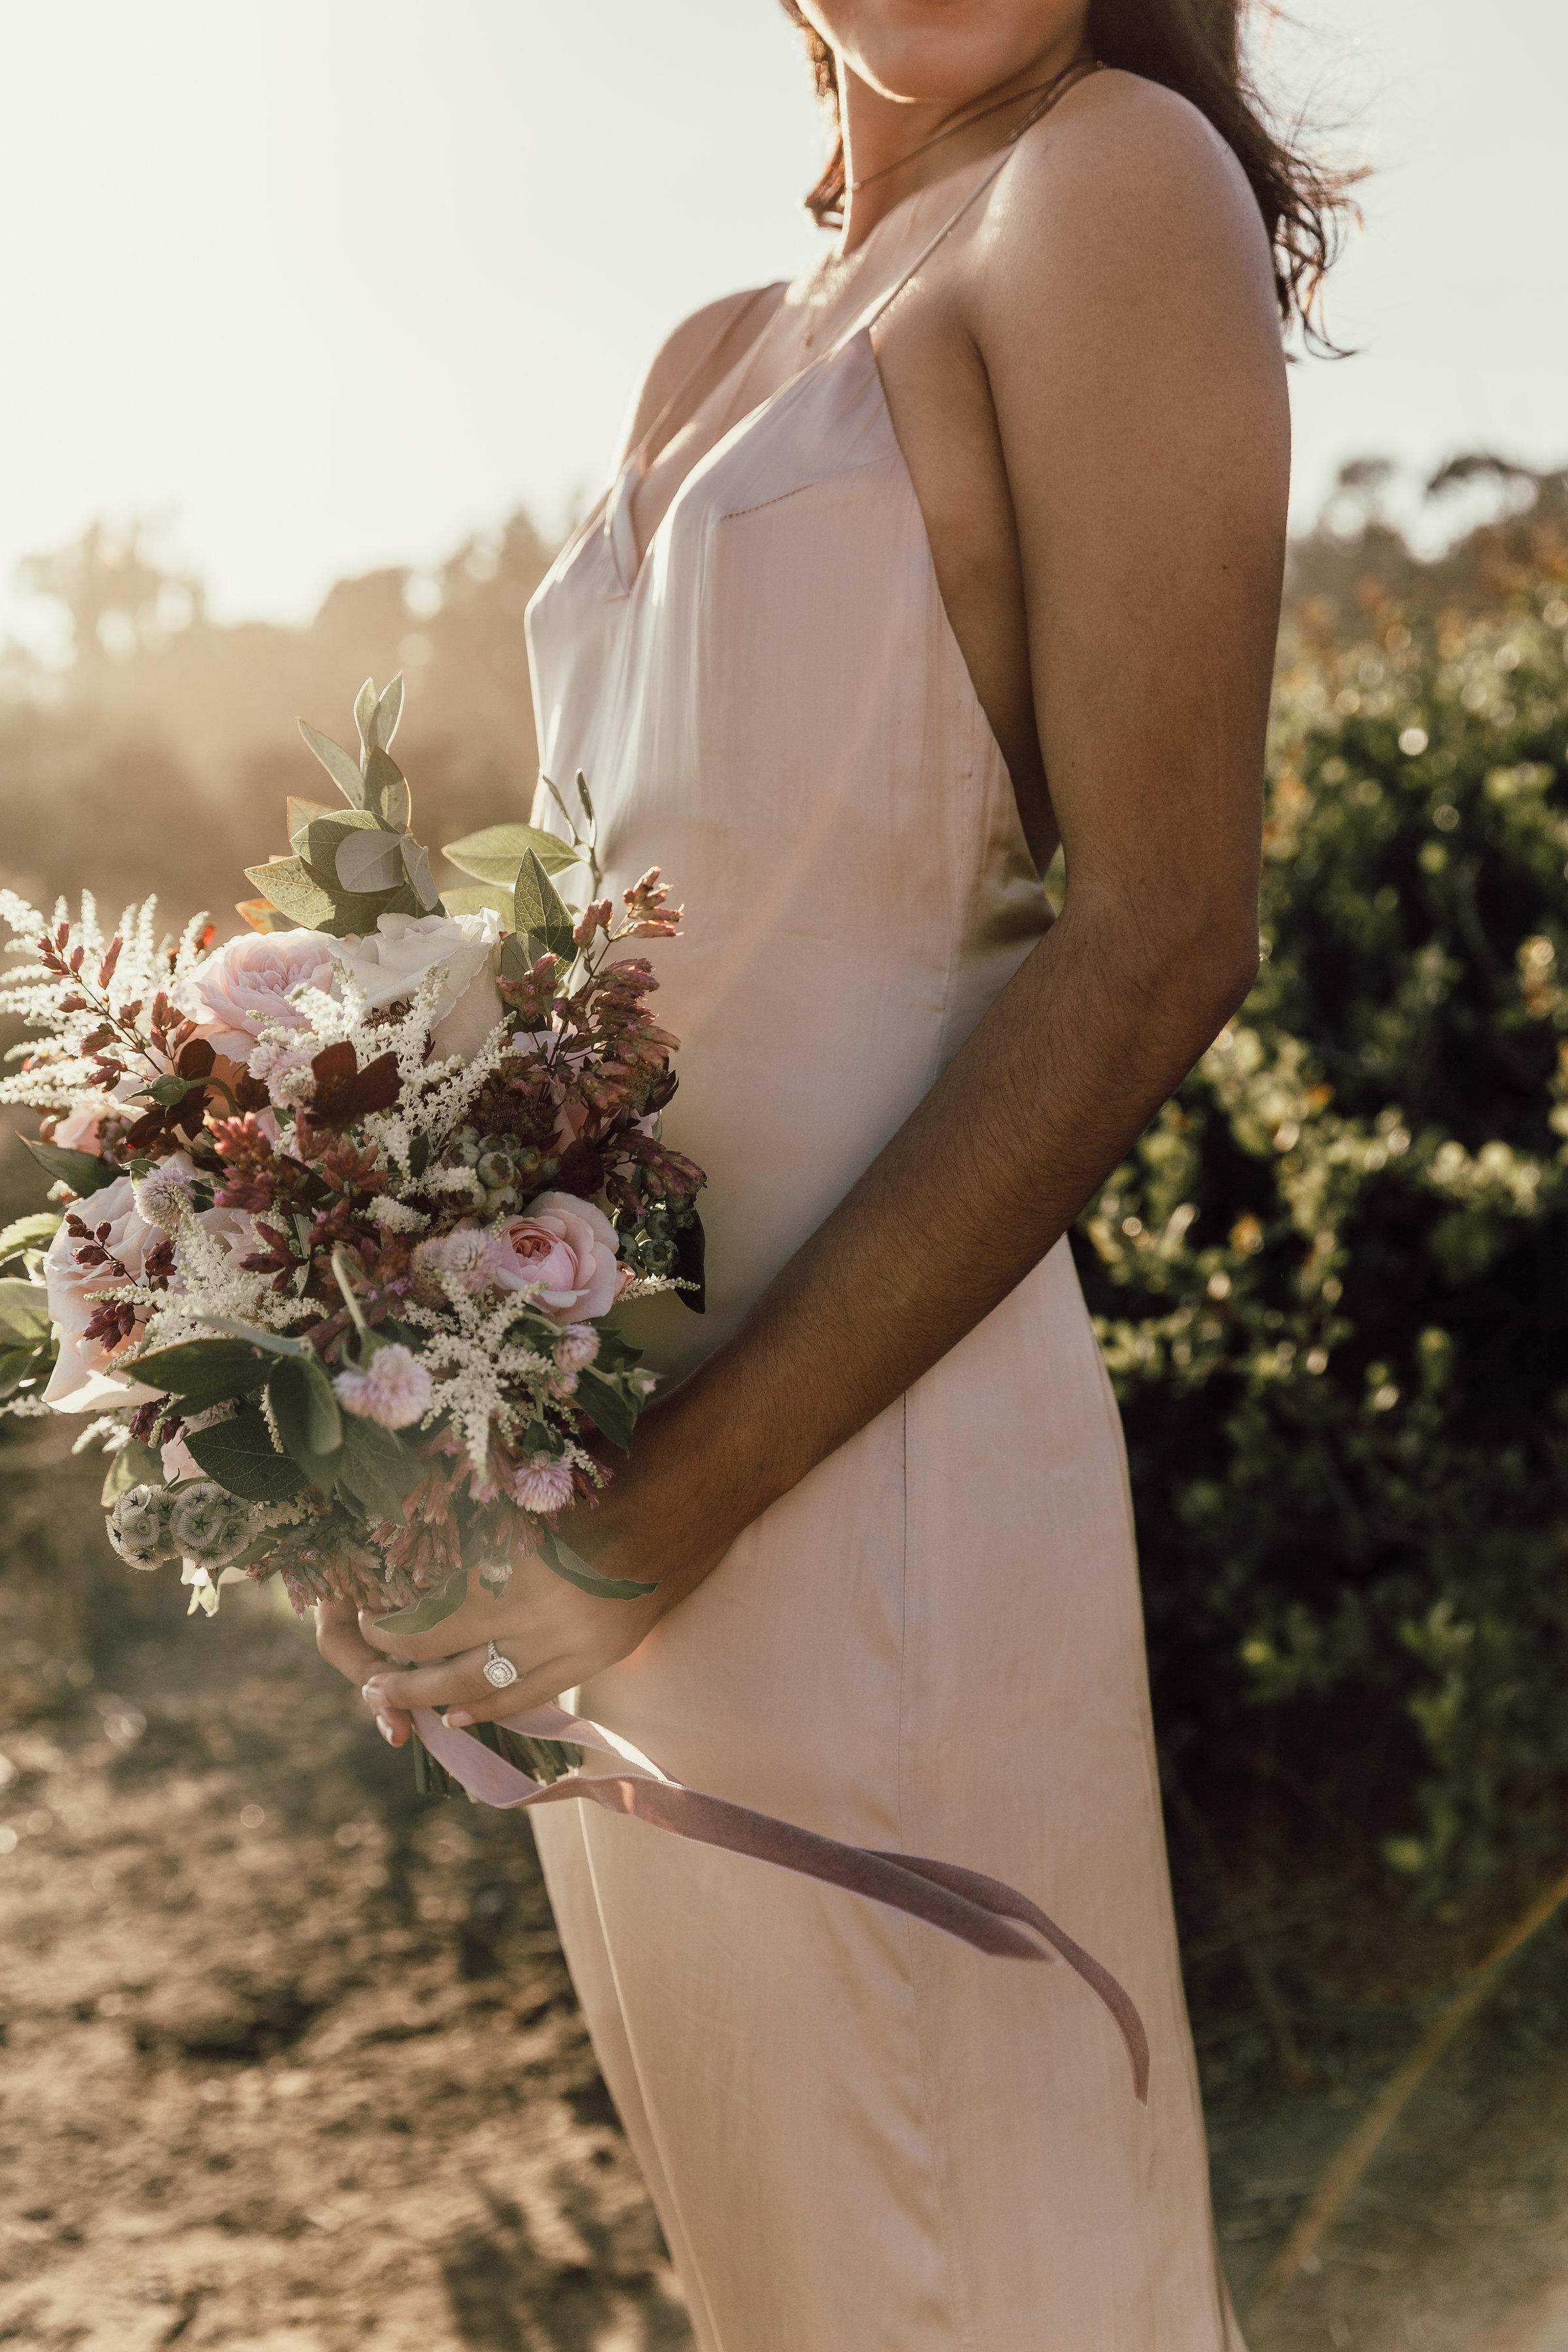 Textured_Garden_Style_Florals_Sibyl_Sophia_Bouquet.jpg